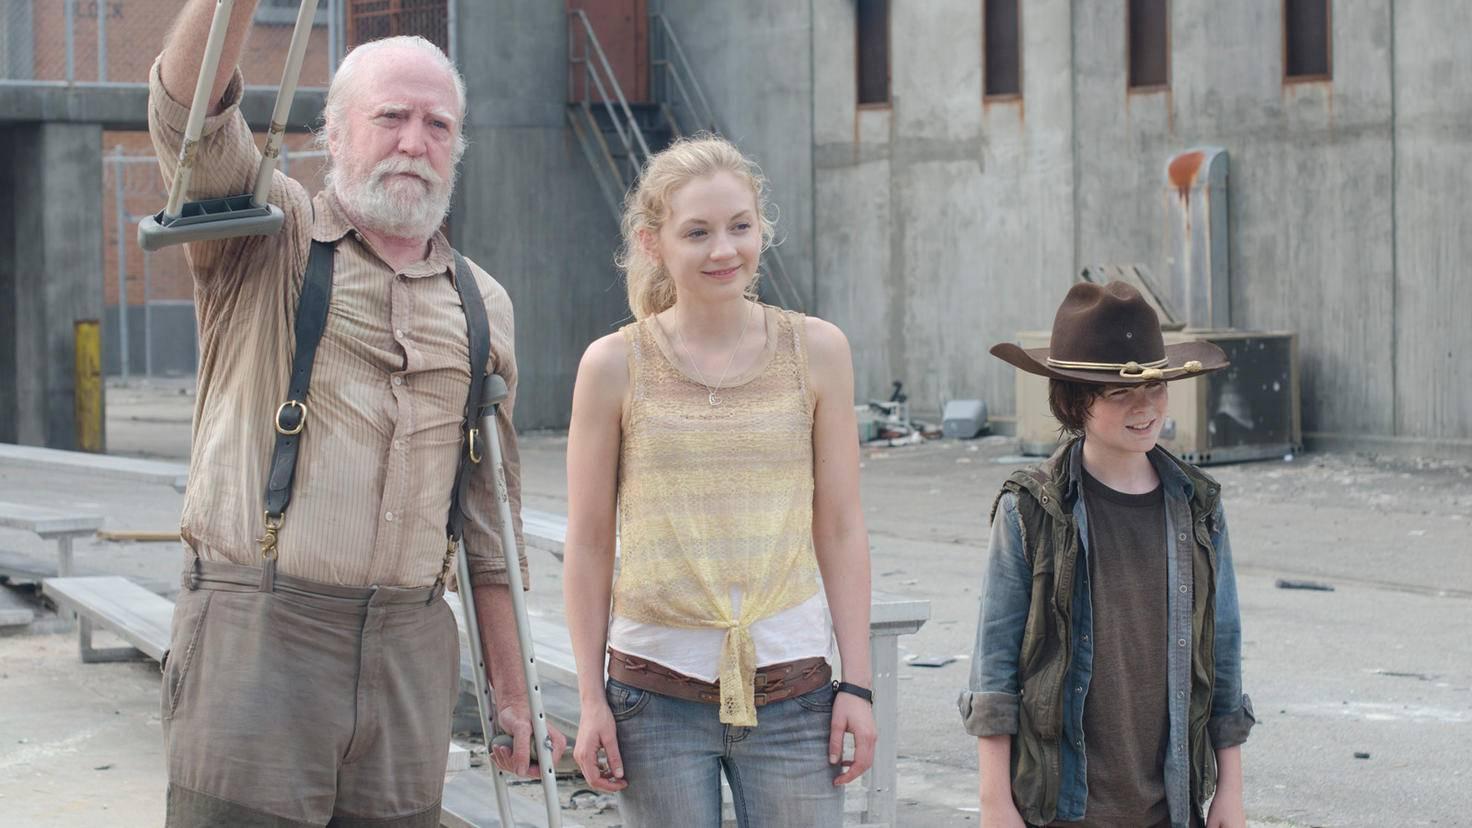 The Walking Dead-Hershel-Scott Wilson-Gene Page-AMC-TWD_GP_304_0614_0472